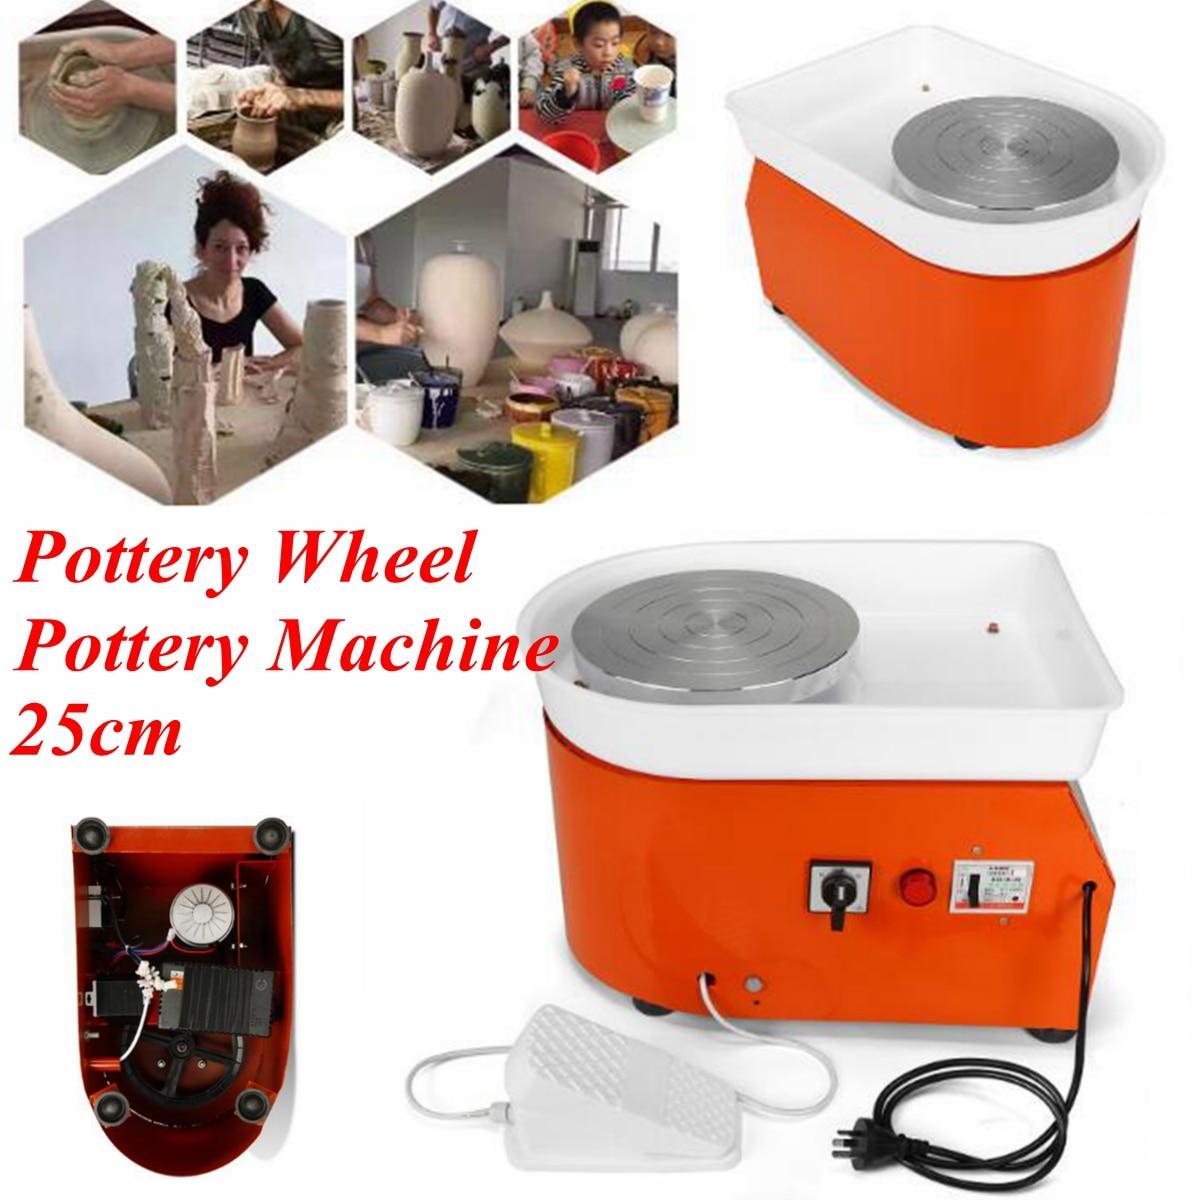 Керамика колеса машины 25 см AC 220 В 250 Вт гибкие педаль Керамика работы Керамика s глины Книги по искусству ЕС /AU/США с мобильными гладкой низка